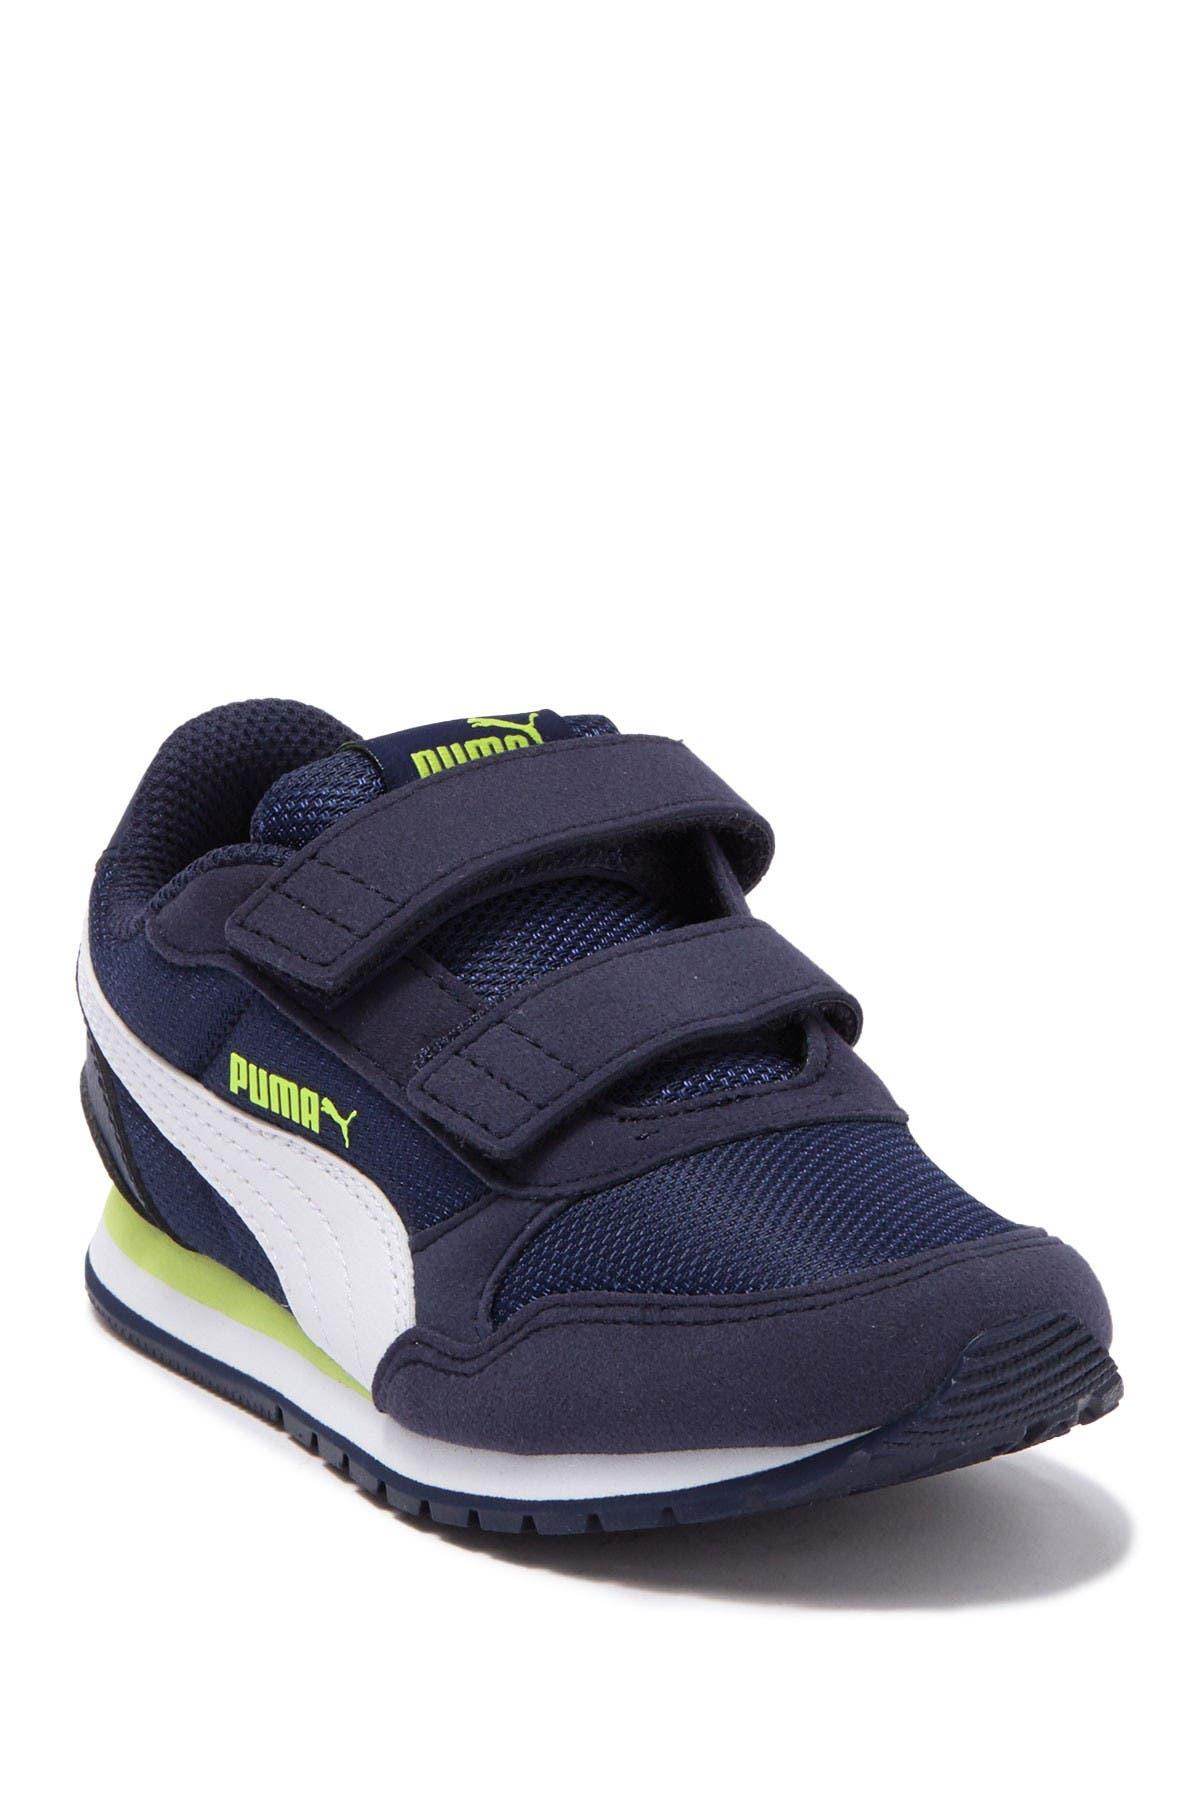 PUMA | St. Runner V2 Mesh Sneaker